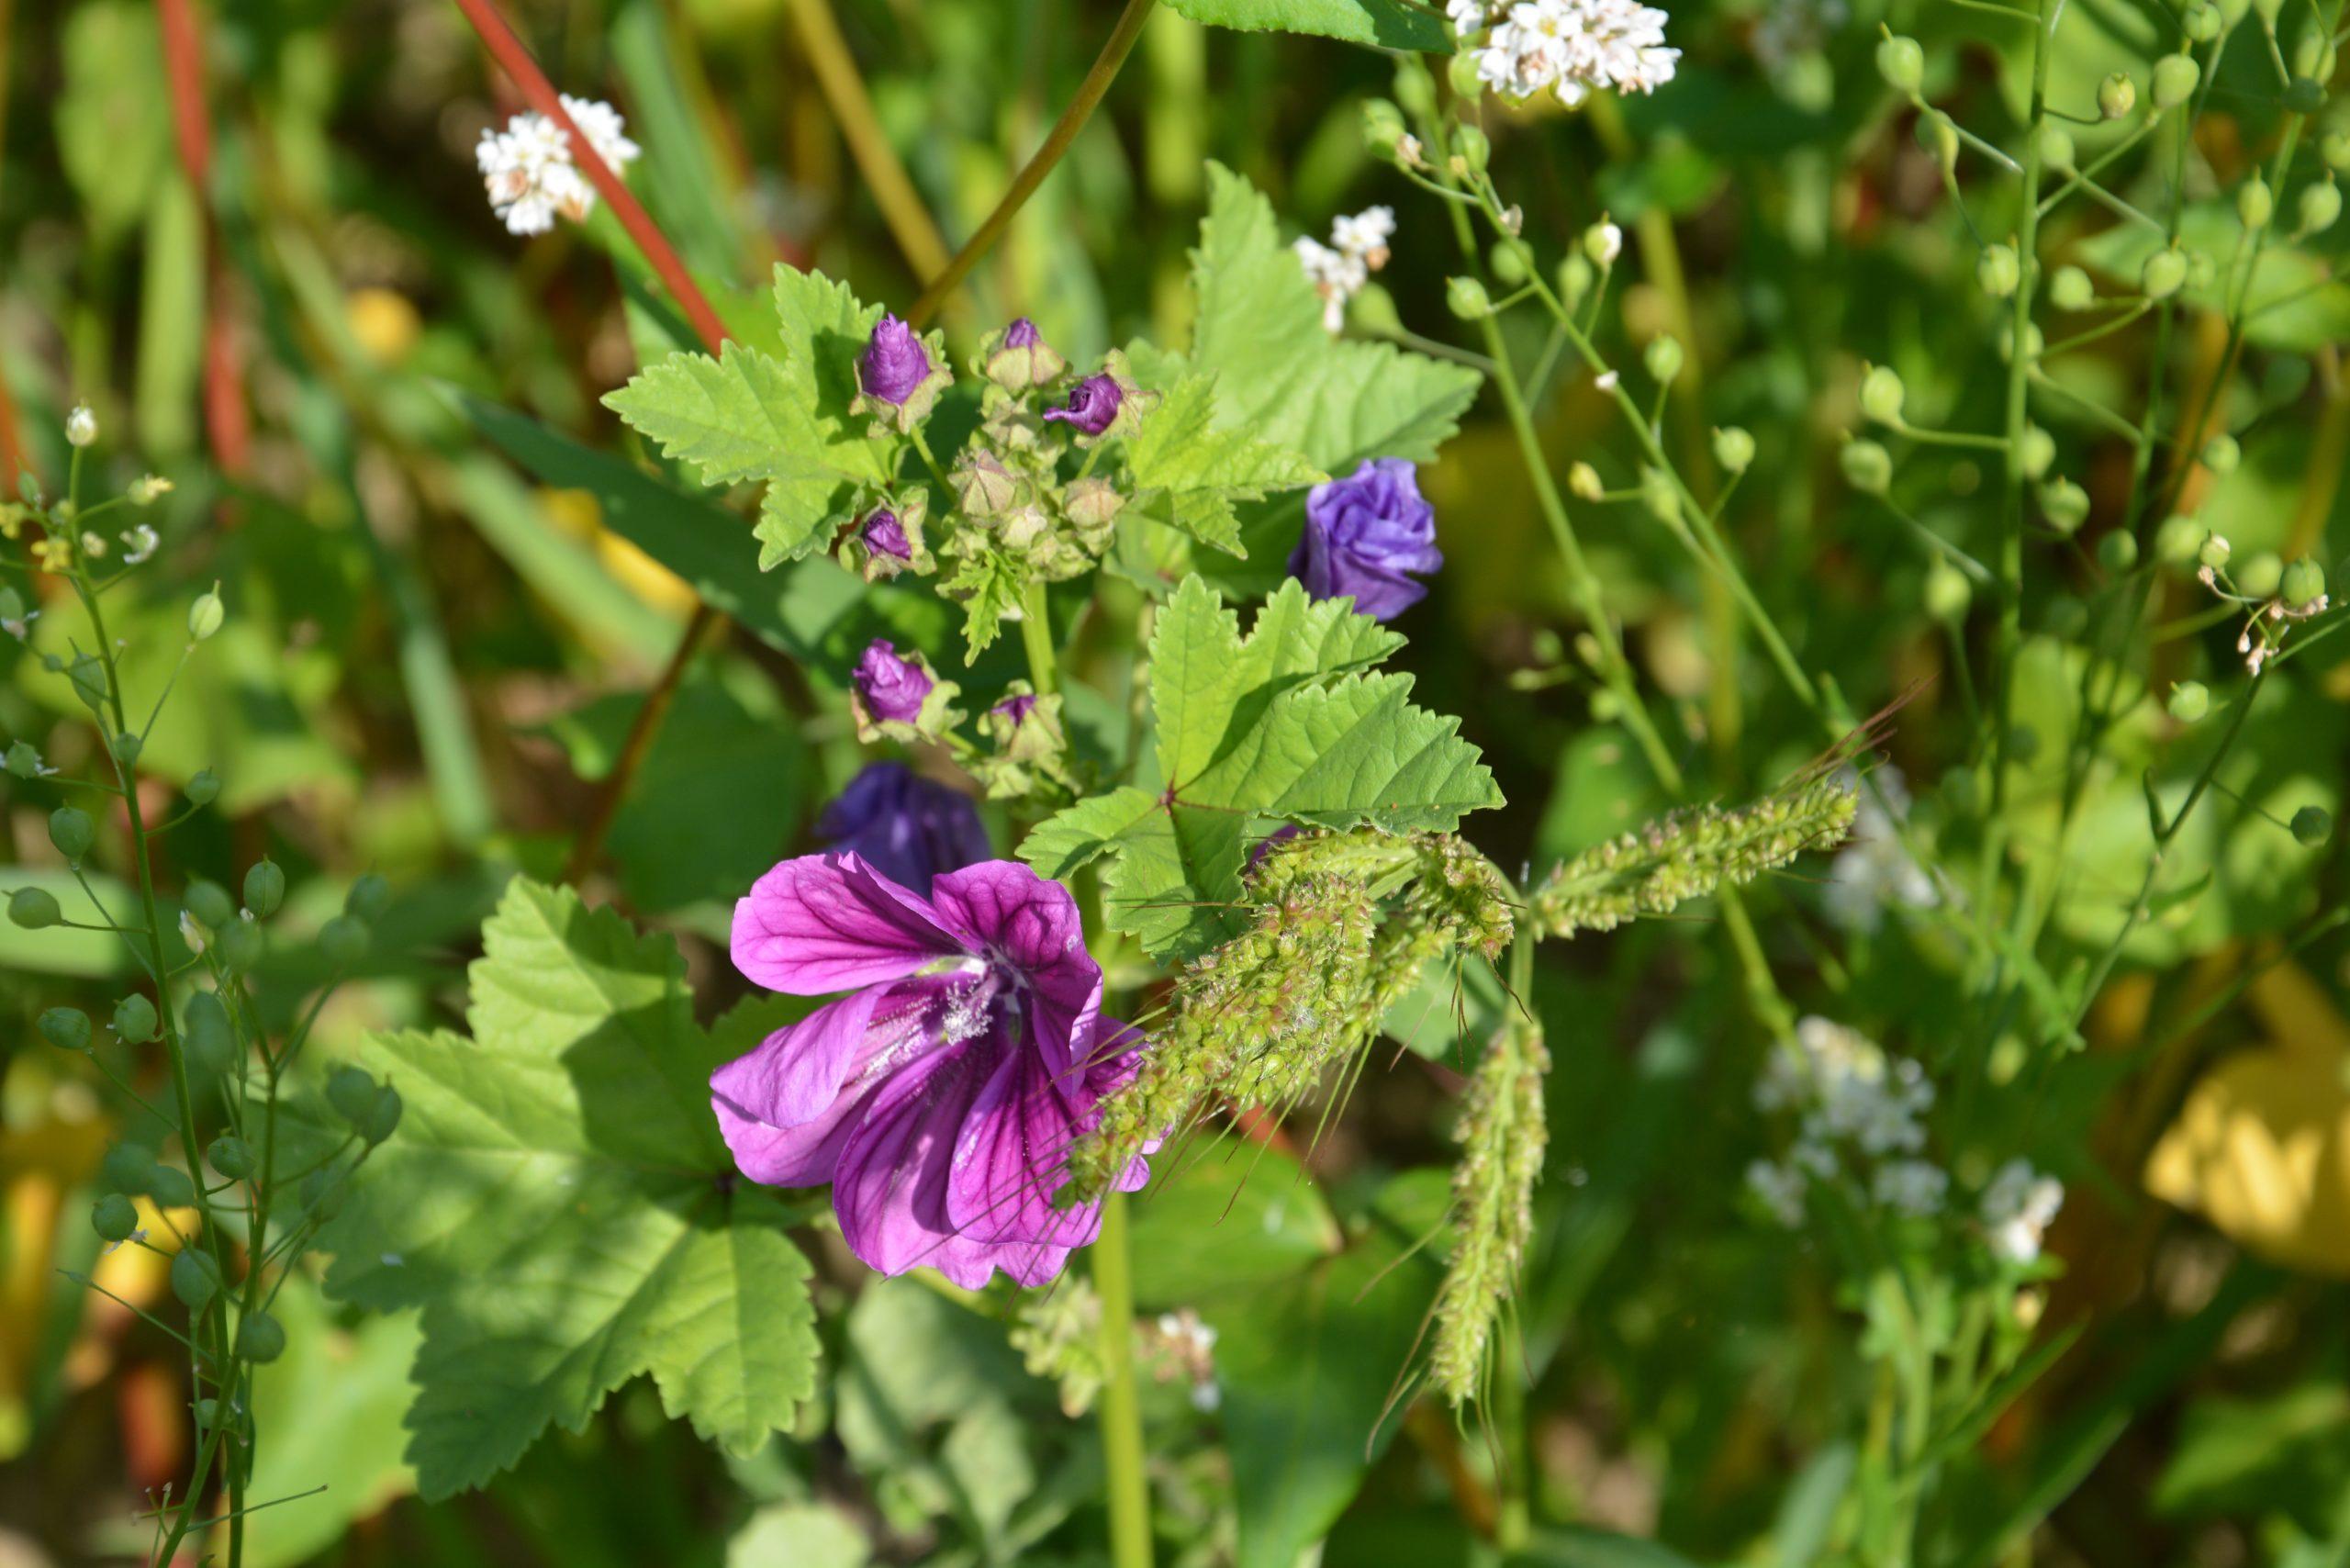 Anbau von Wildpflanzenkulturen zur Biomasseproduktion honorieren!